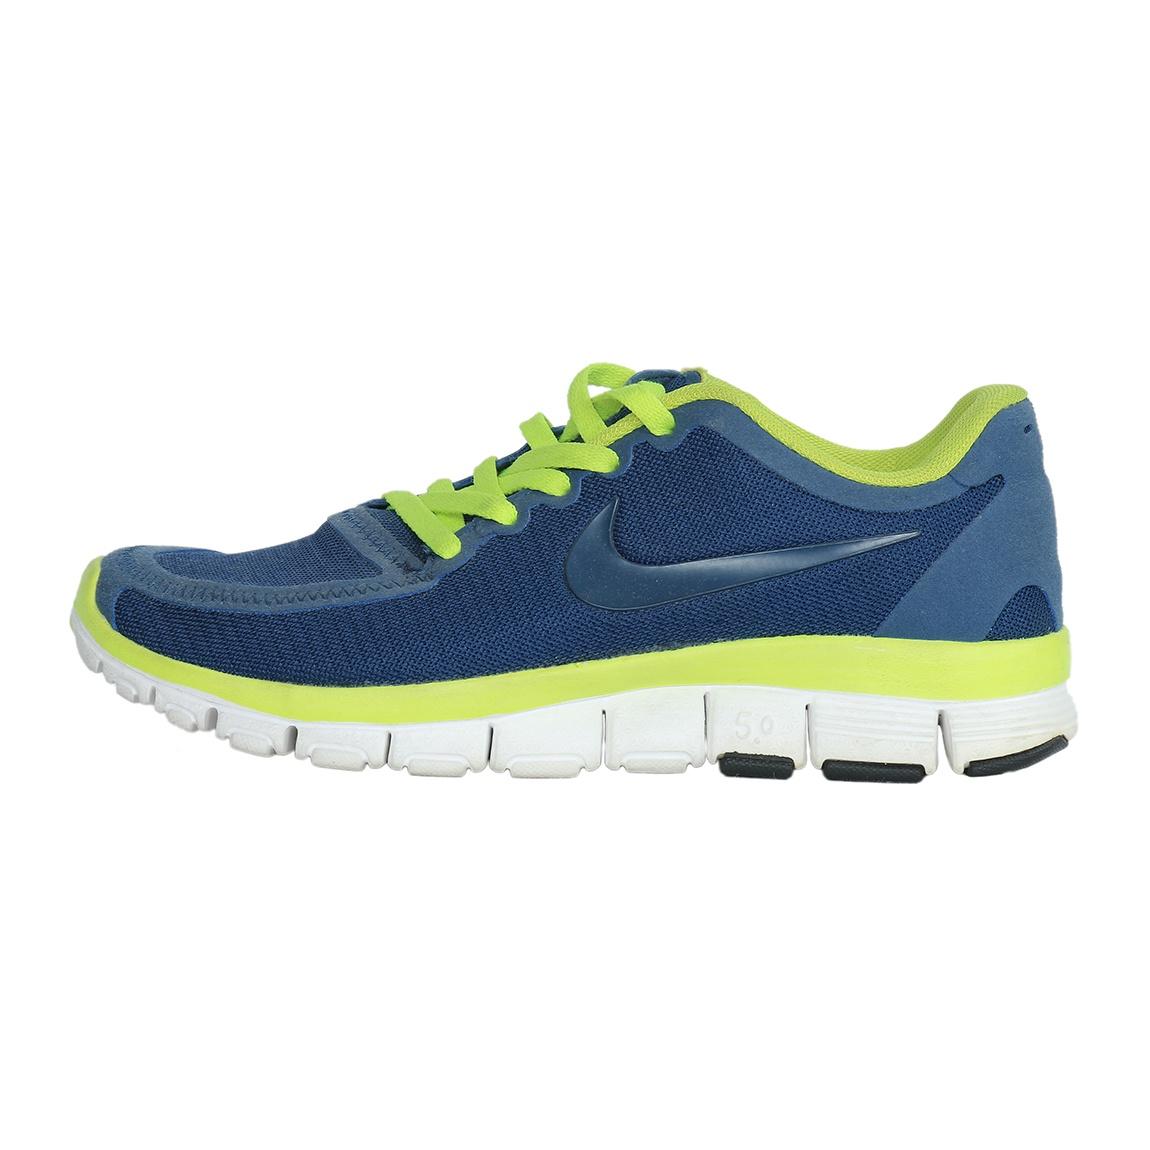 کفش مخصوص پیاده روی زنانه نایکی مدل nike free کد 402-511281